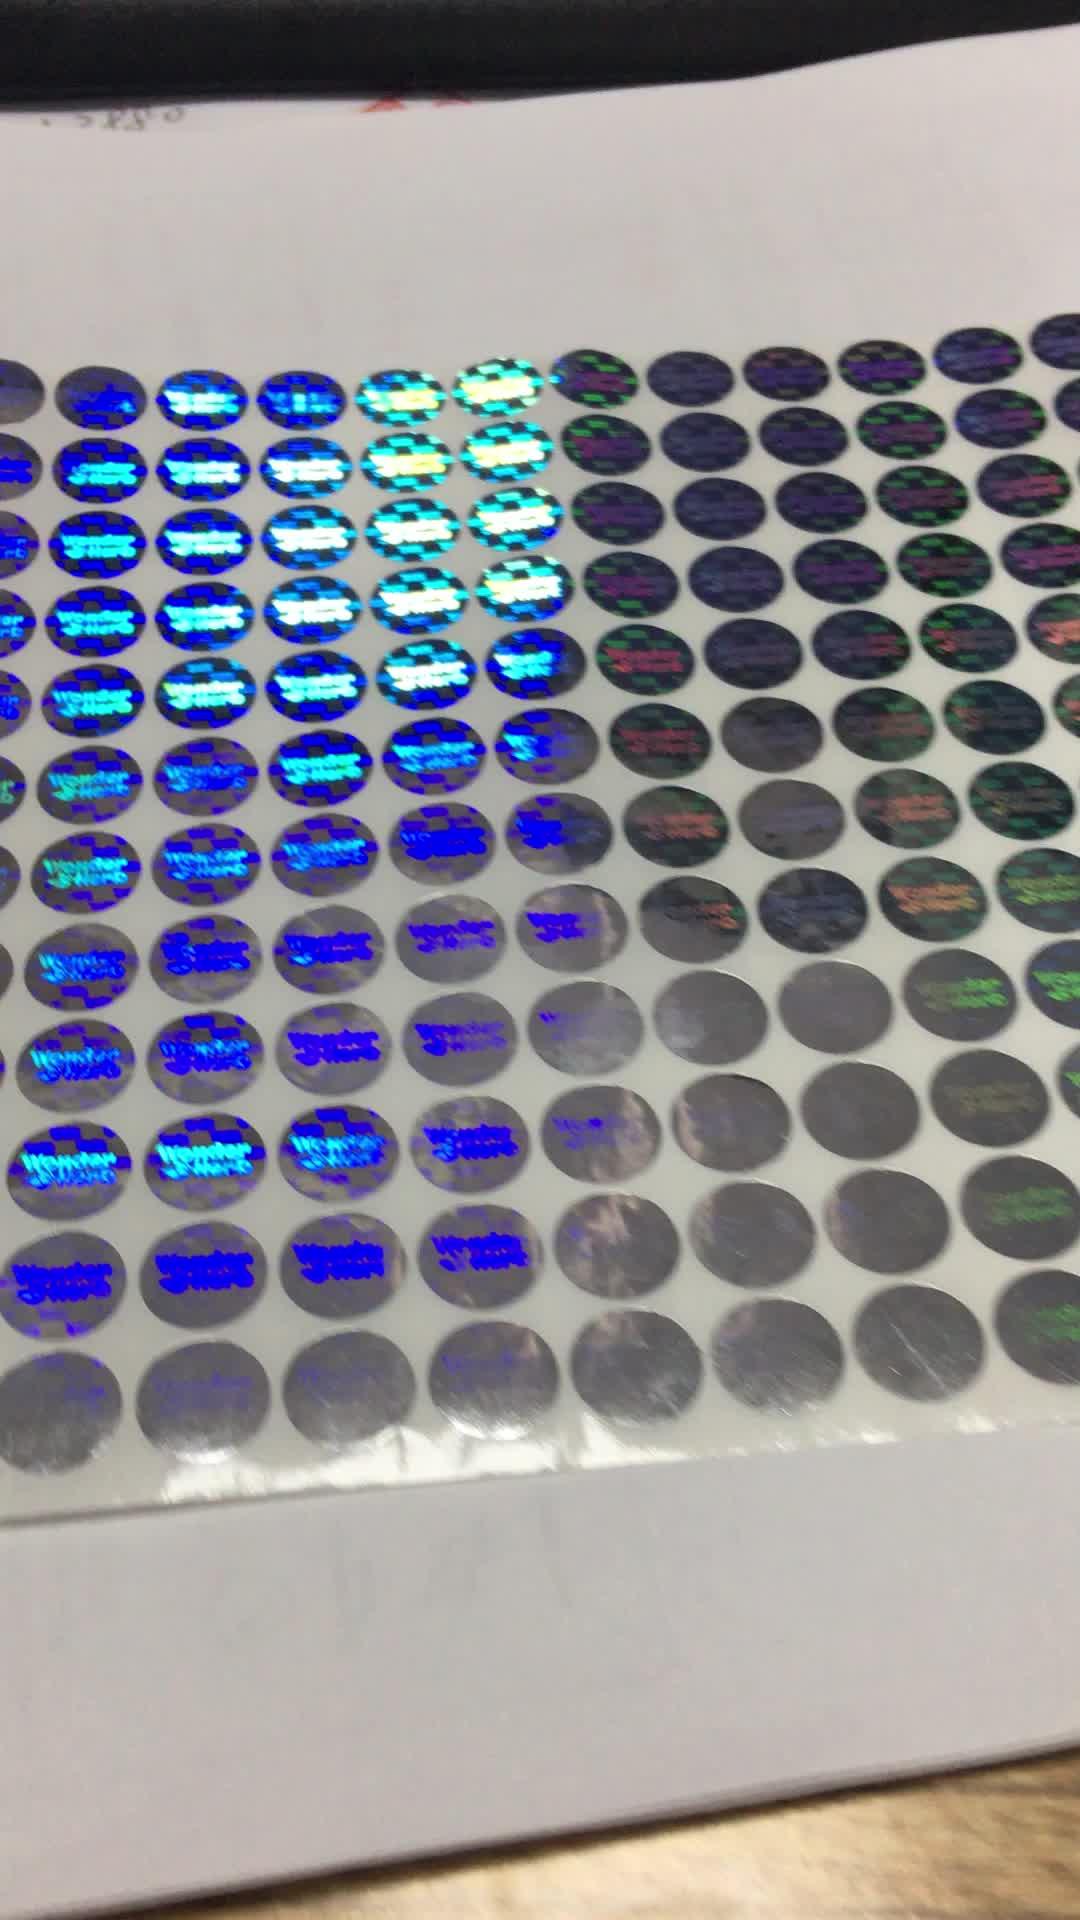 Etiqueta Do Holograma personalizado Etiqueta, Fazer O Seu Próprio Autêntico e Original Etiqueta Do Holograma De Segurança